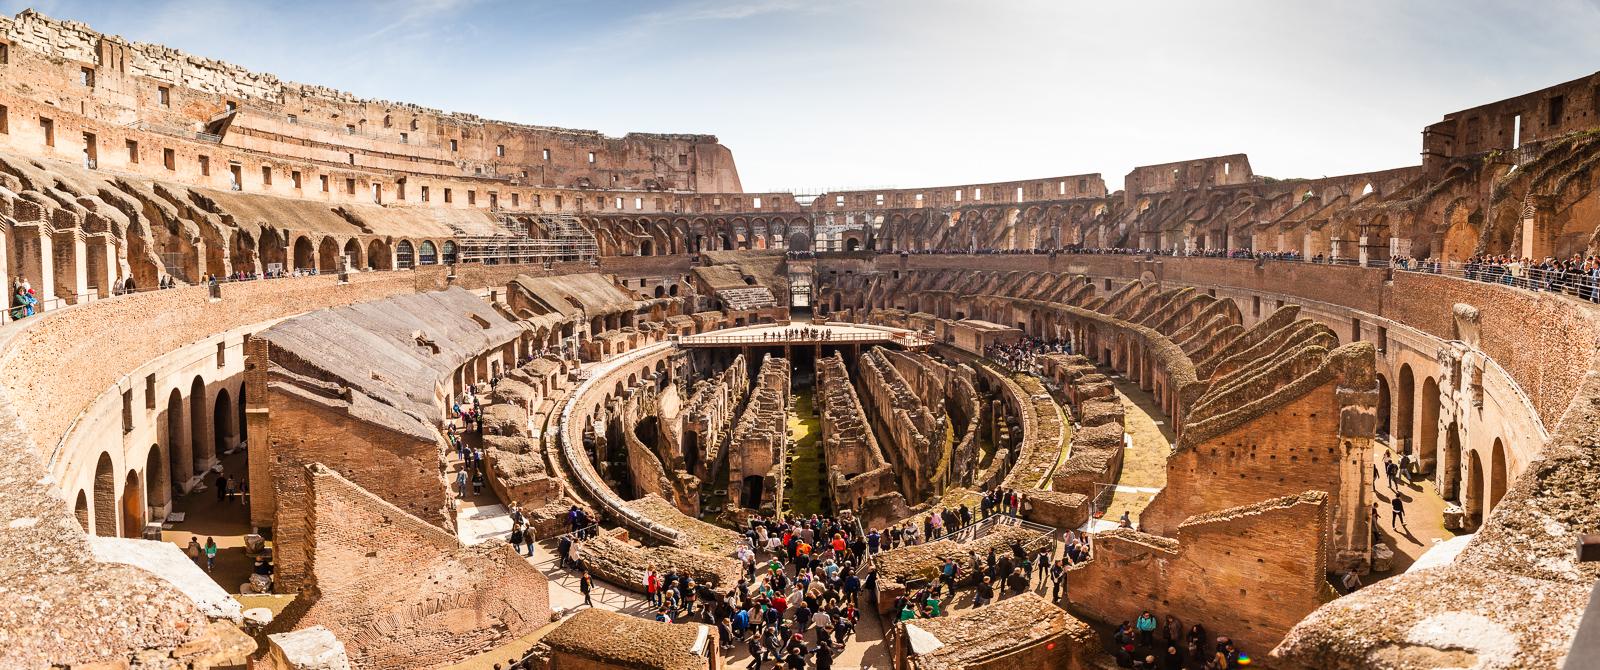 Visita Completa Al Coliseo Y Al Foro Romano Machbel